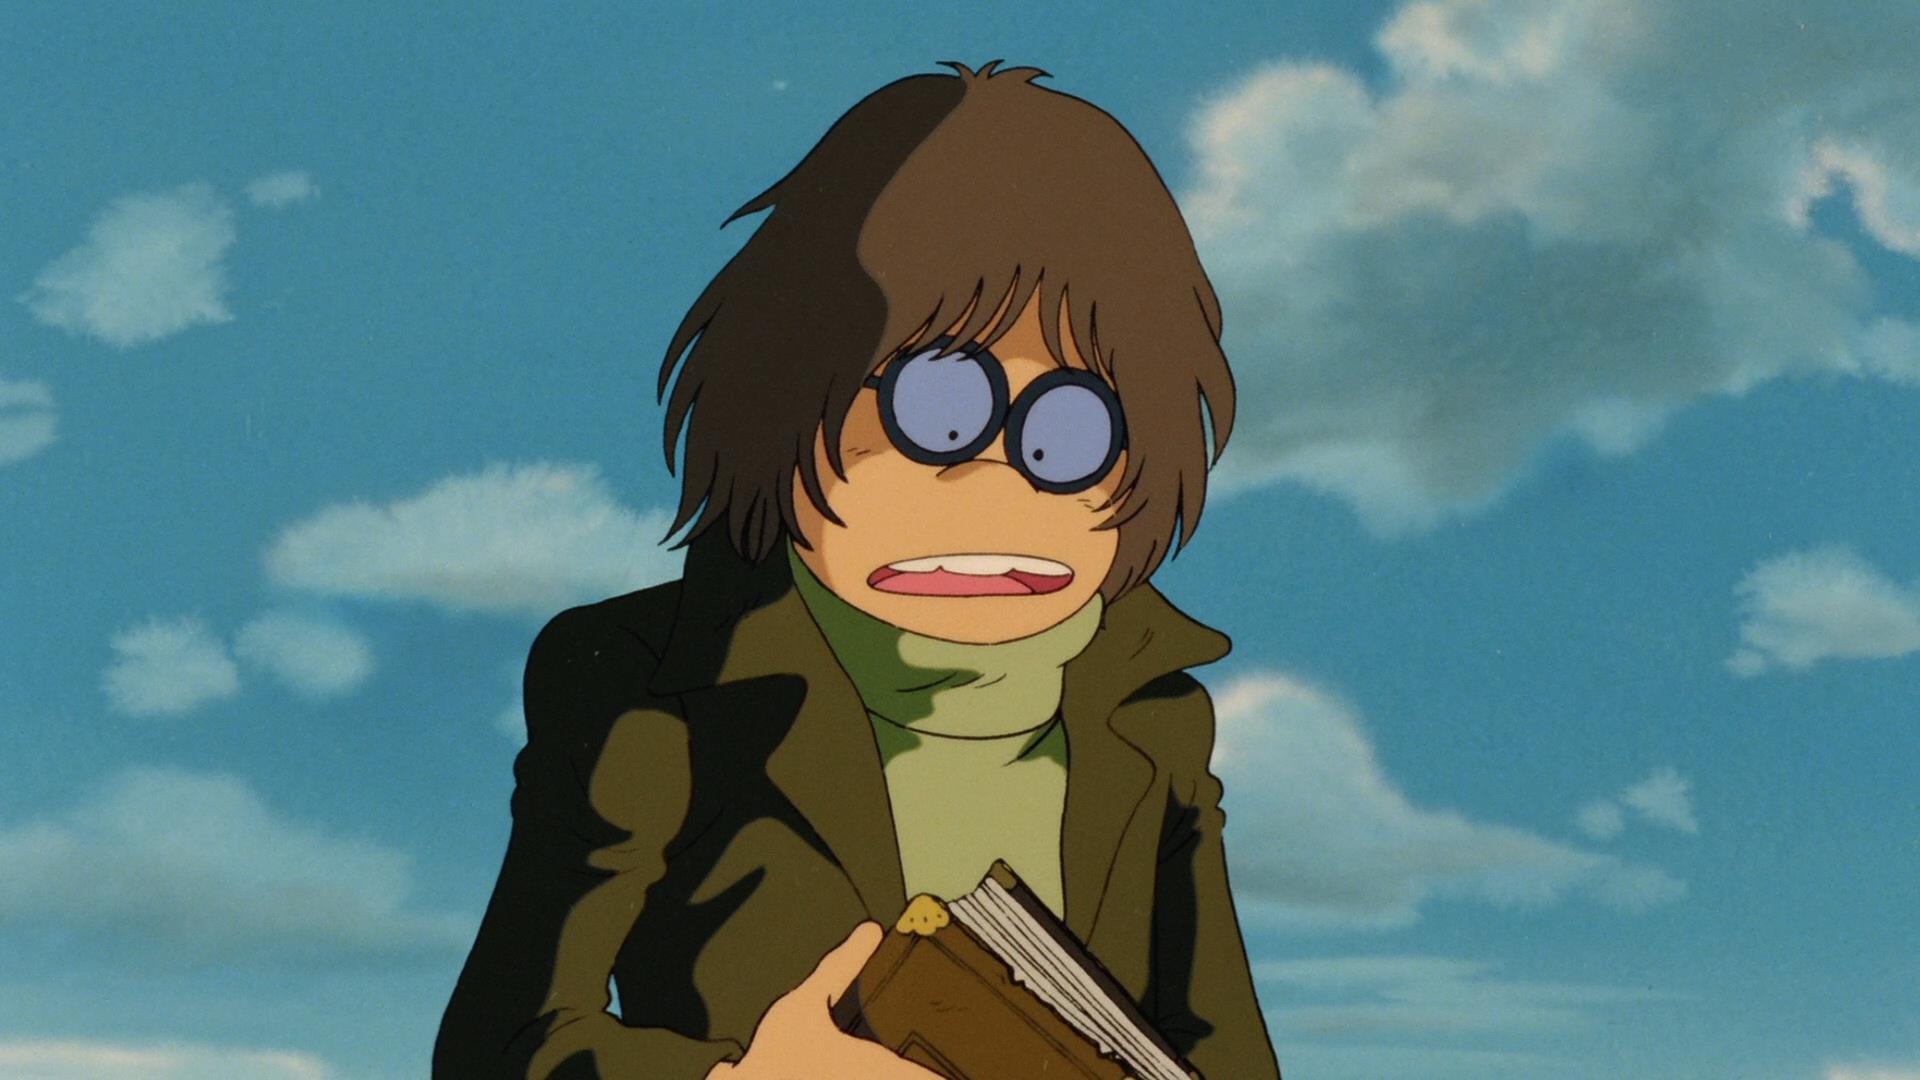 Capitan Harlock - L'Arcadia della mia giovinezza: Tochiro Oyama in una scena